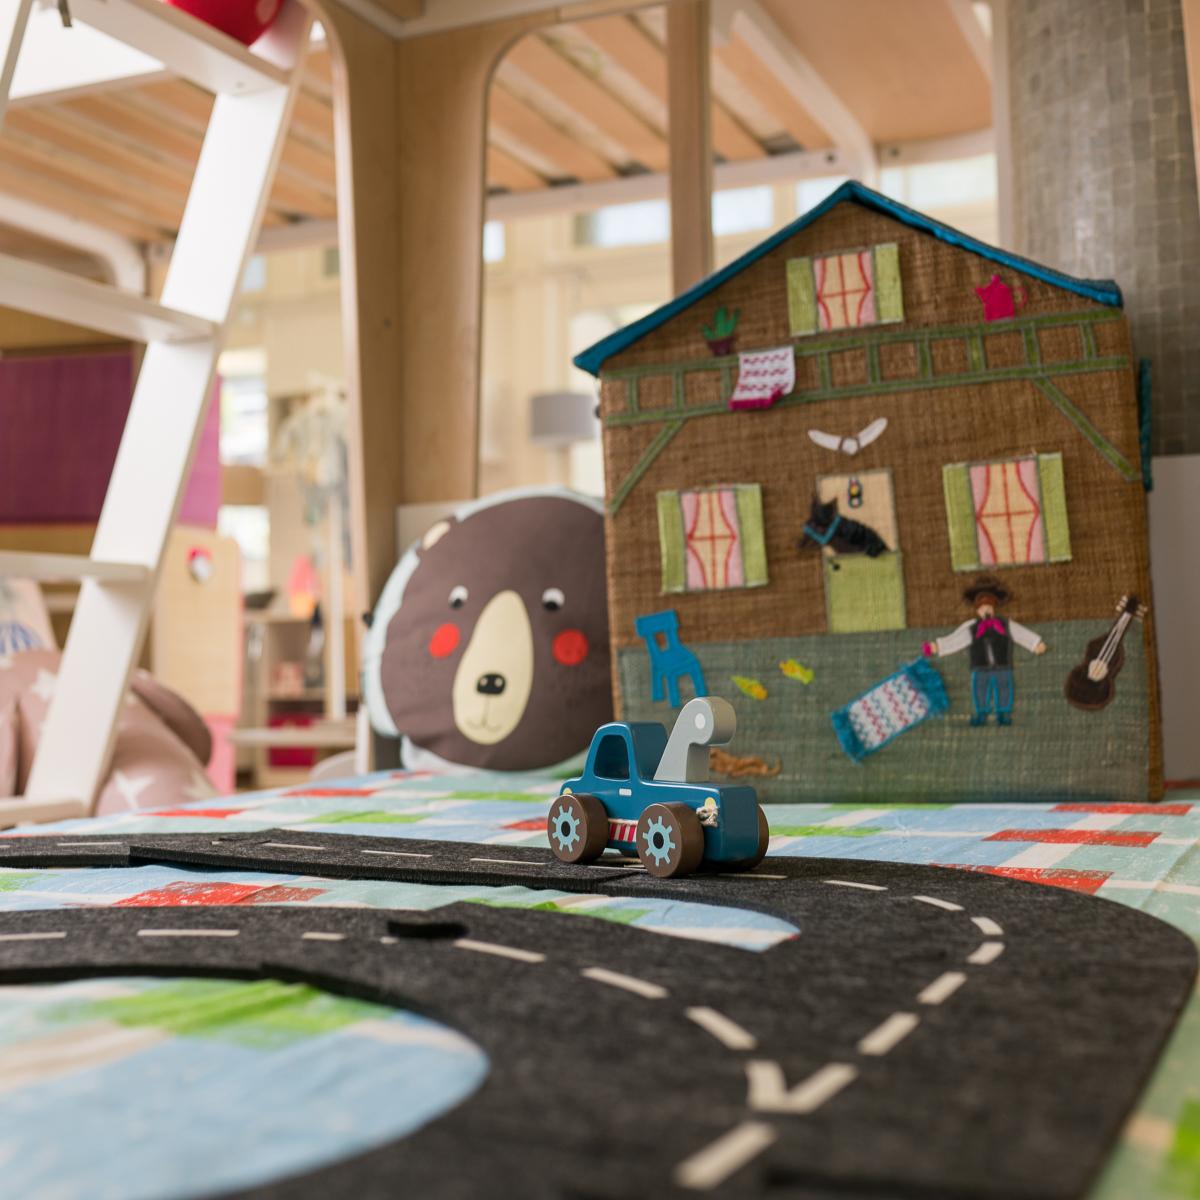 Kindermobel  Snowflake Kindermöbel Concept Store – Trendige Kindermöbel und ...